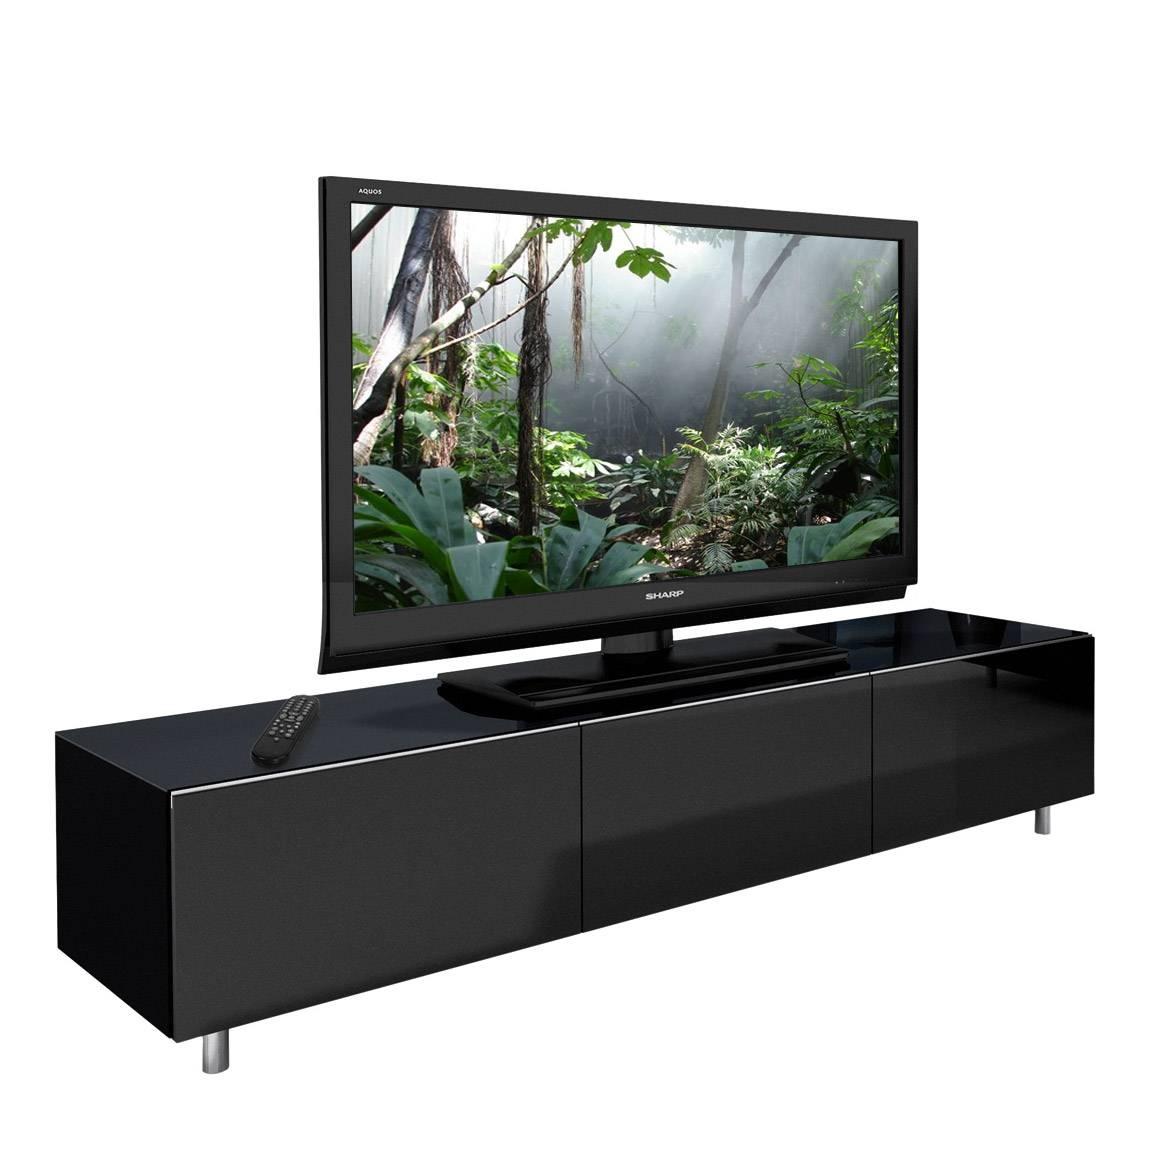 Spectral Just Racks Jrl1650s Gloss Black Tv Cabinet – Just Racks Intended For Black Gloss Tv Cabinet (View 2 of 15)